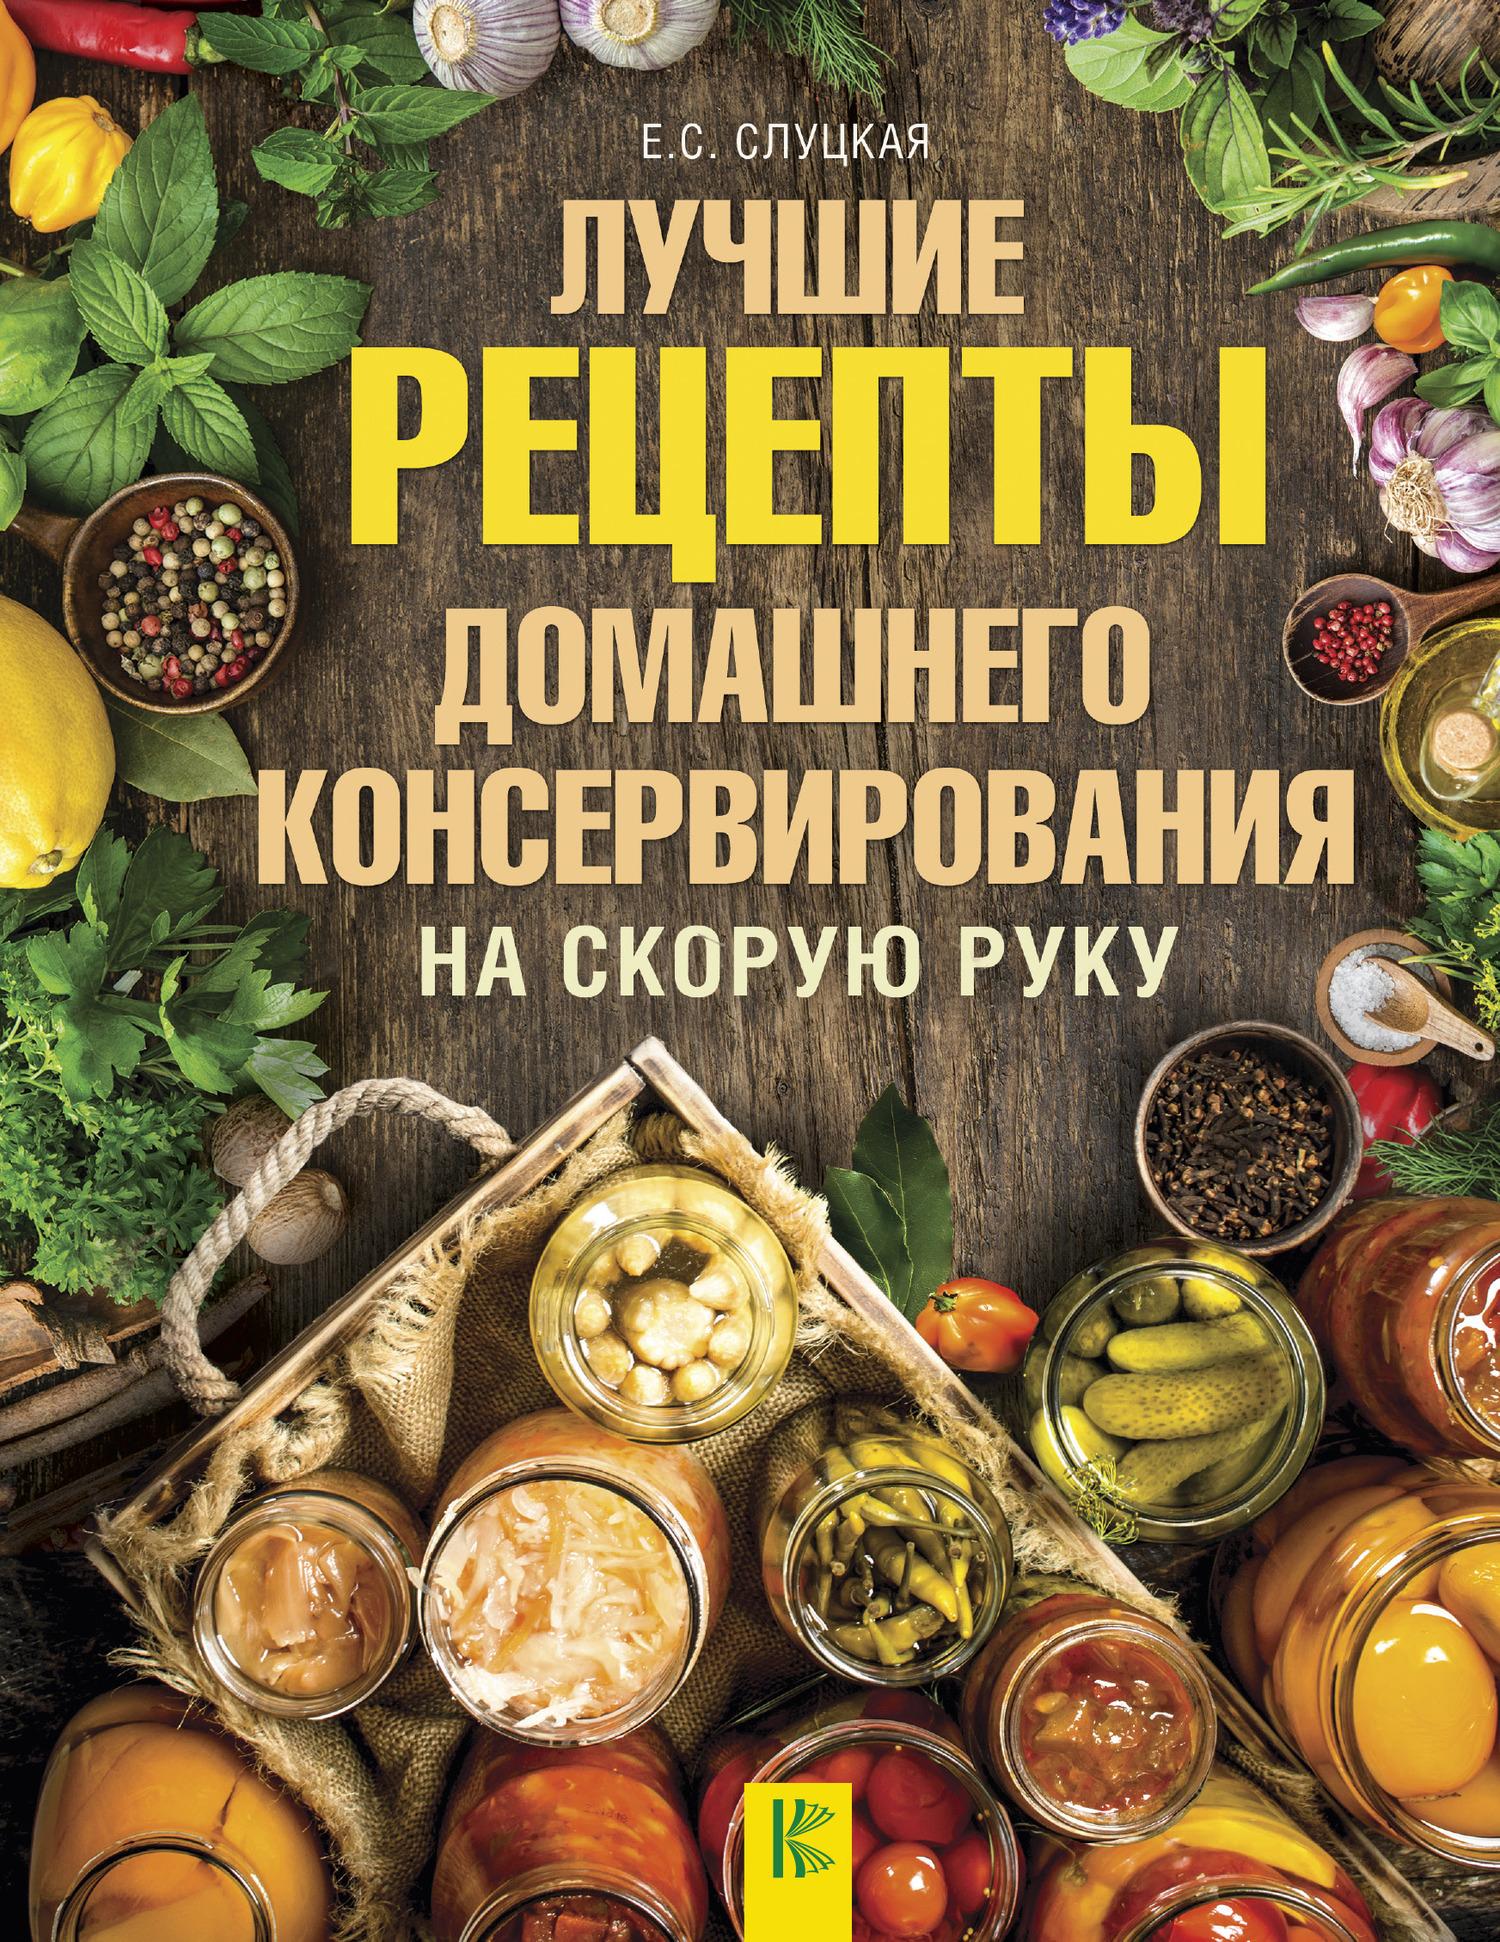 Елена Слуцкая Лучшие рецепты домашнего консервирования на скорую руку